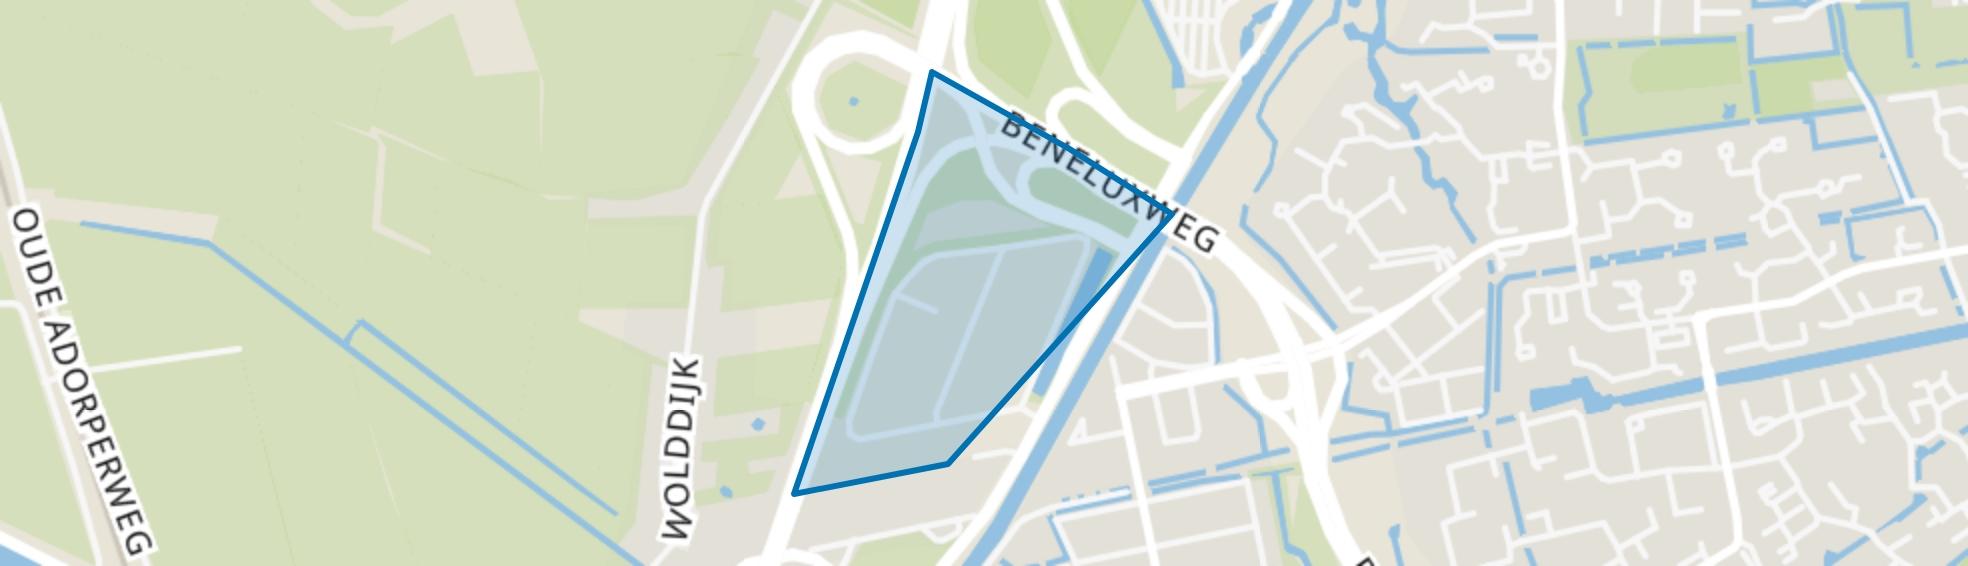 Het Witte Lam, Groningen map